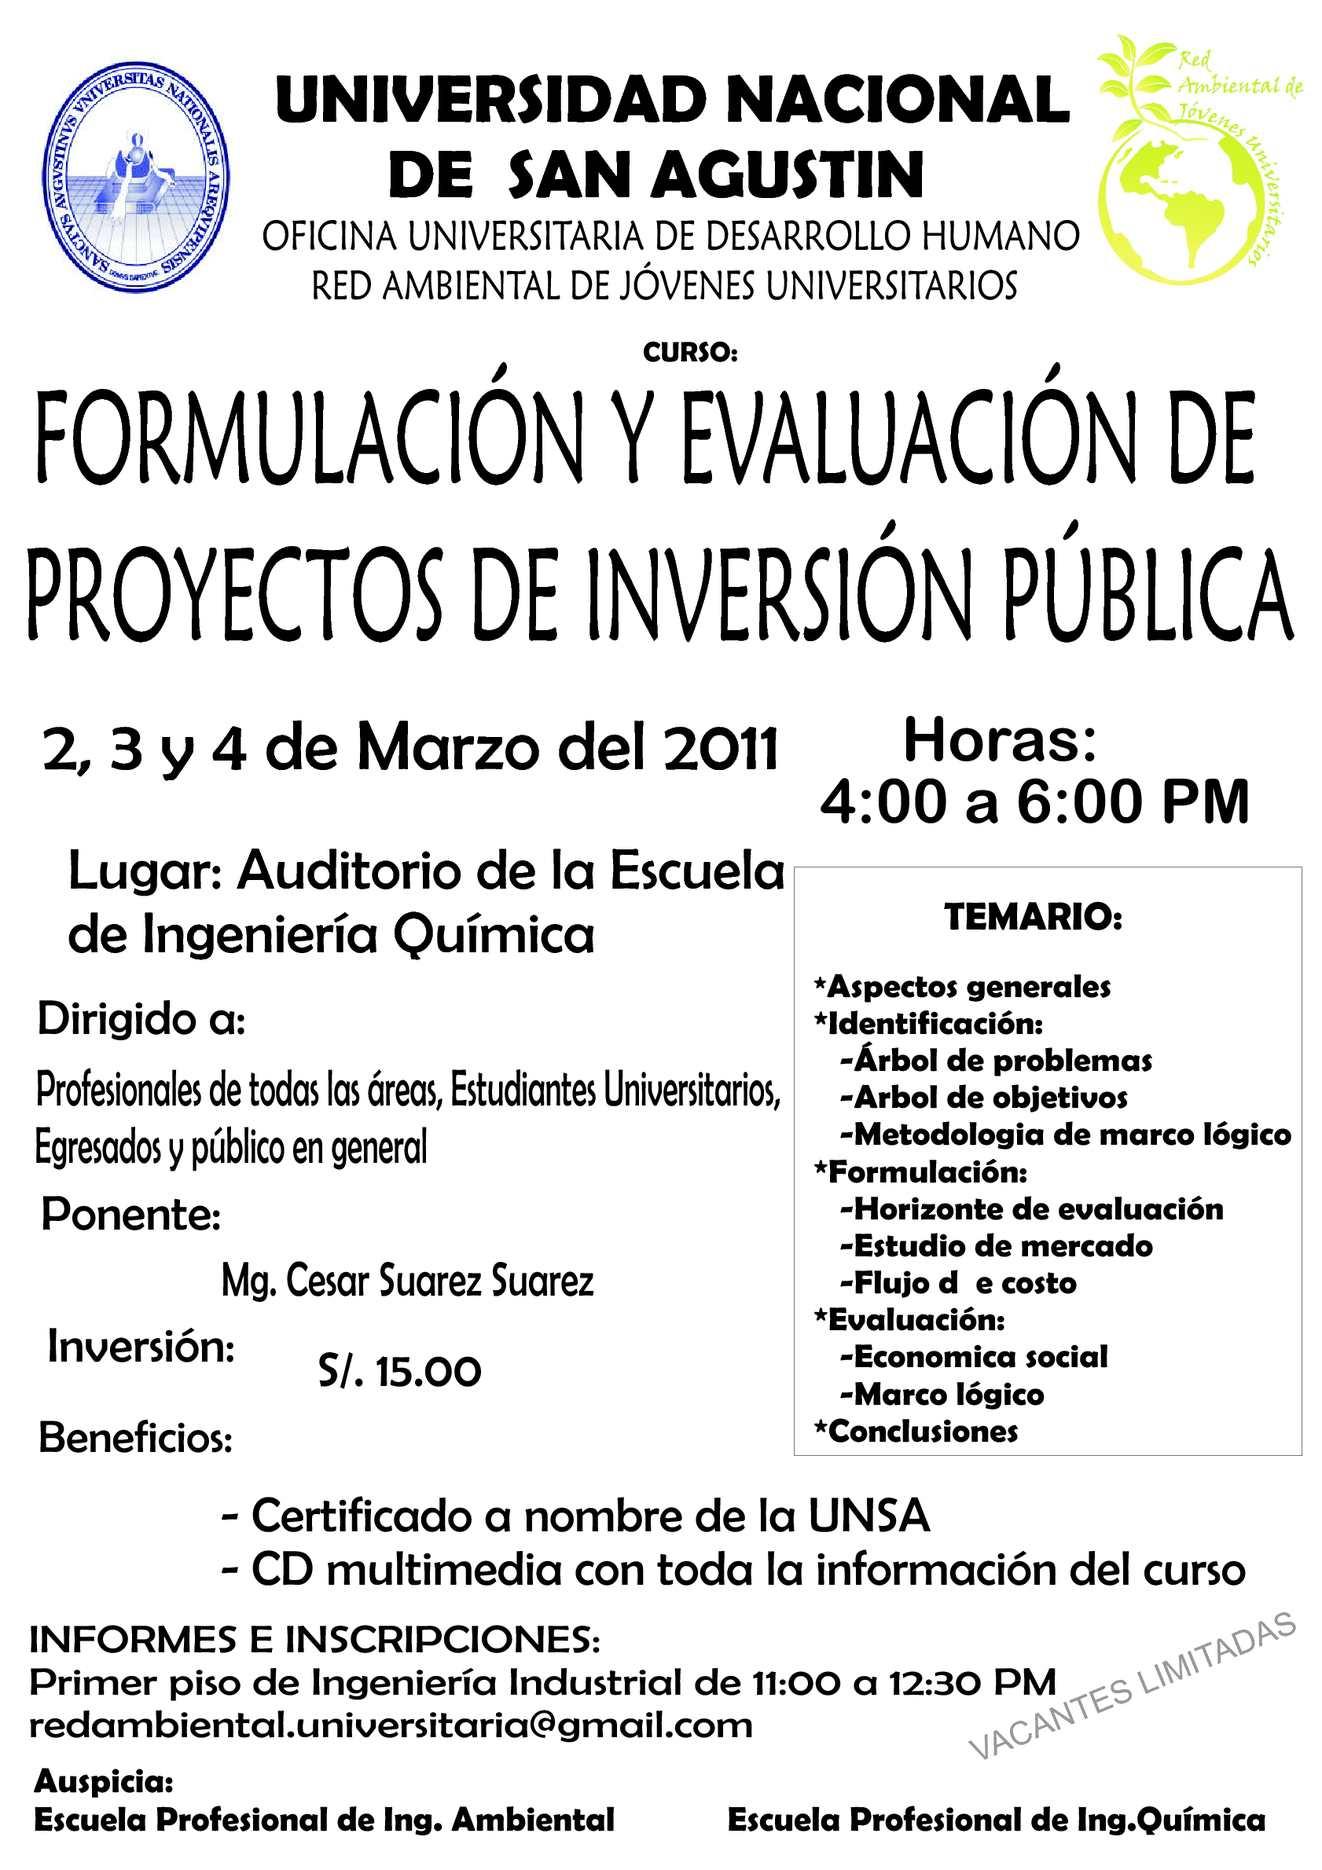 Calam o formulaci n y evaluaci n de proyectos de inversi n for Oficina nacional de evaluacion